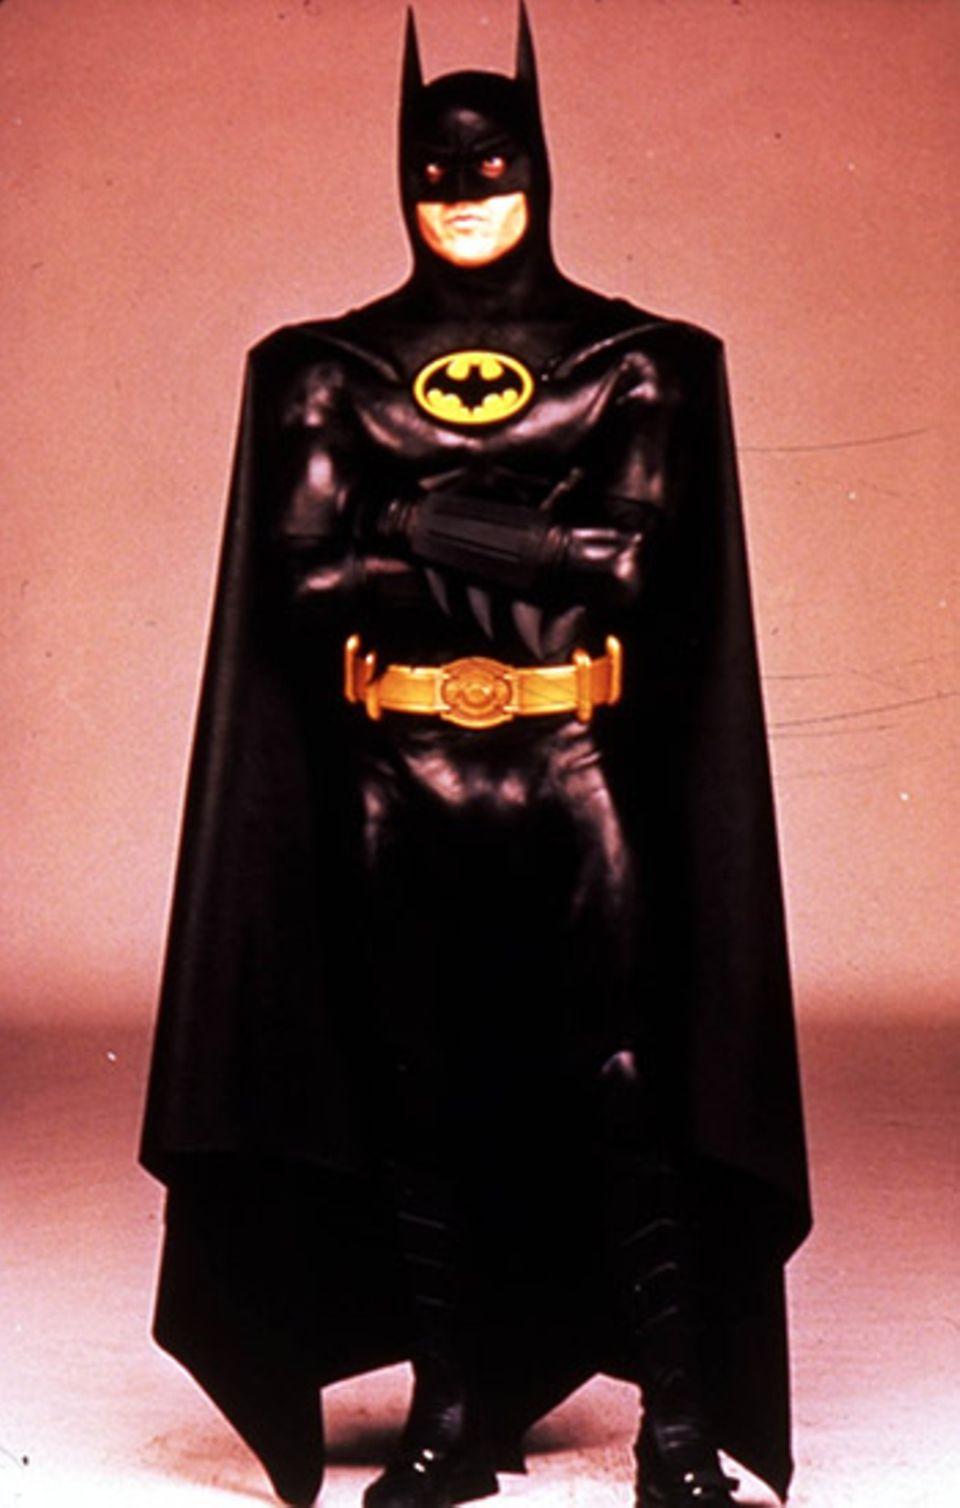 1989 verfilmte Tim Burton mit Michael Keaton in der Hauptrolle die Geschichte vom schwarzen Rächer: Batman